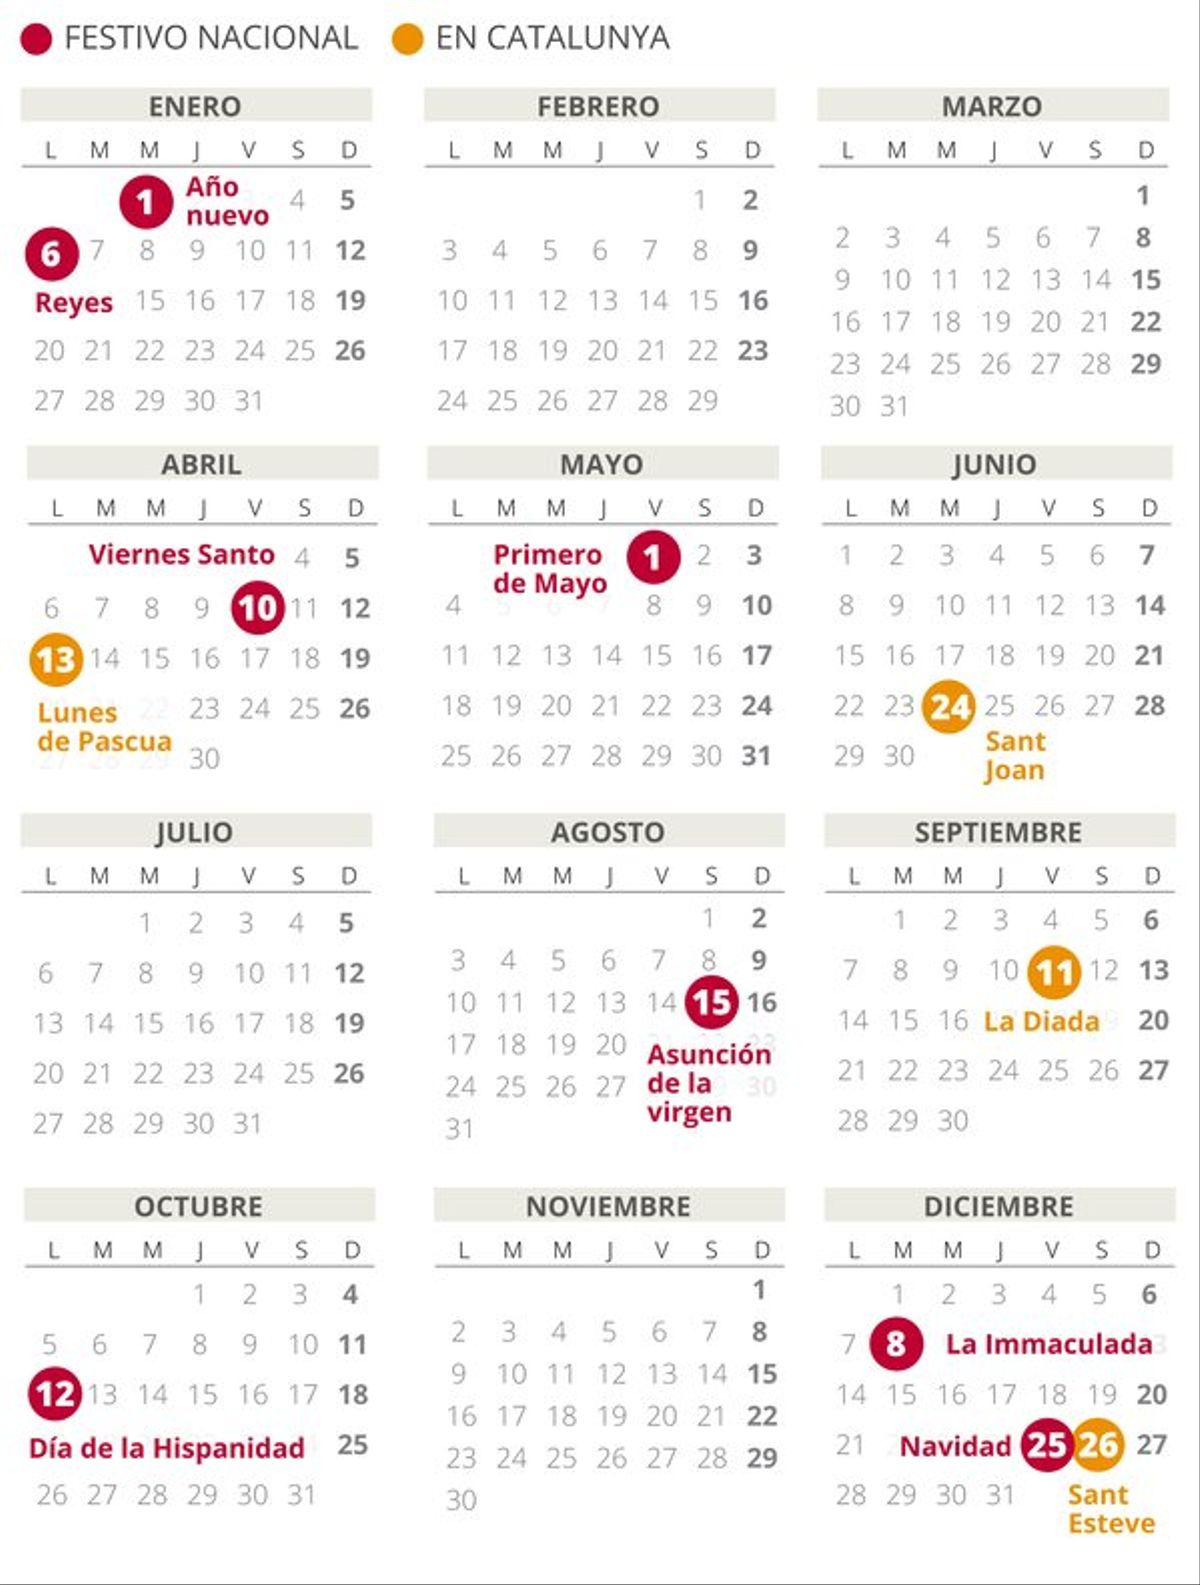 Calendario laboral de Catalunya del 2020.